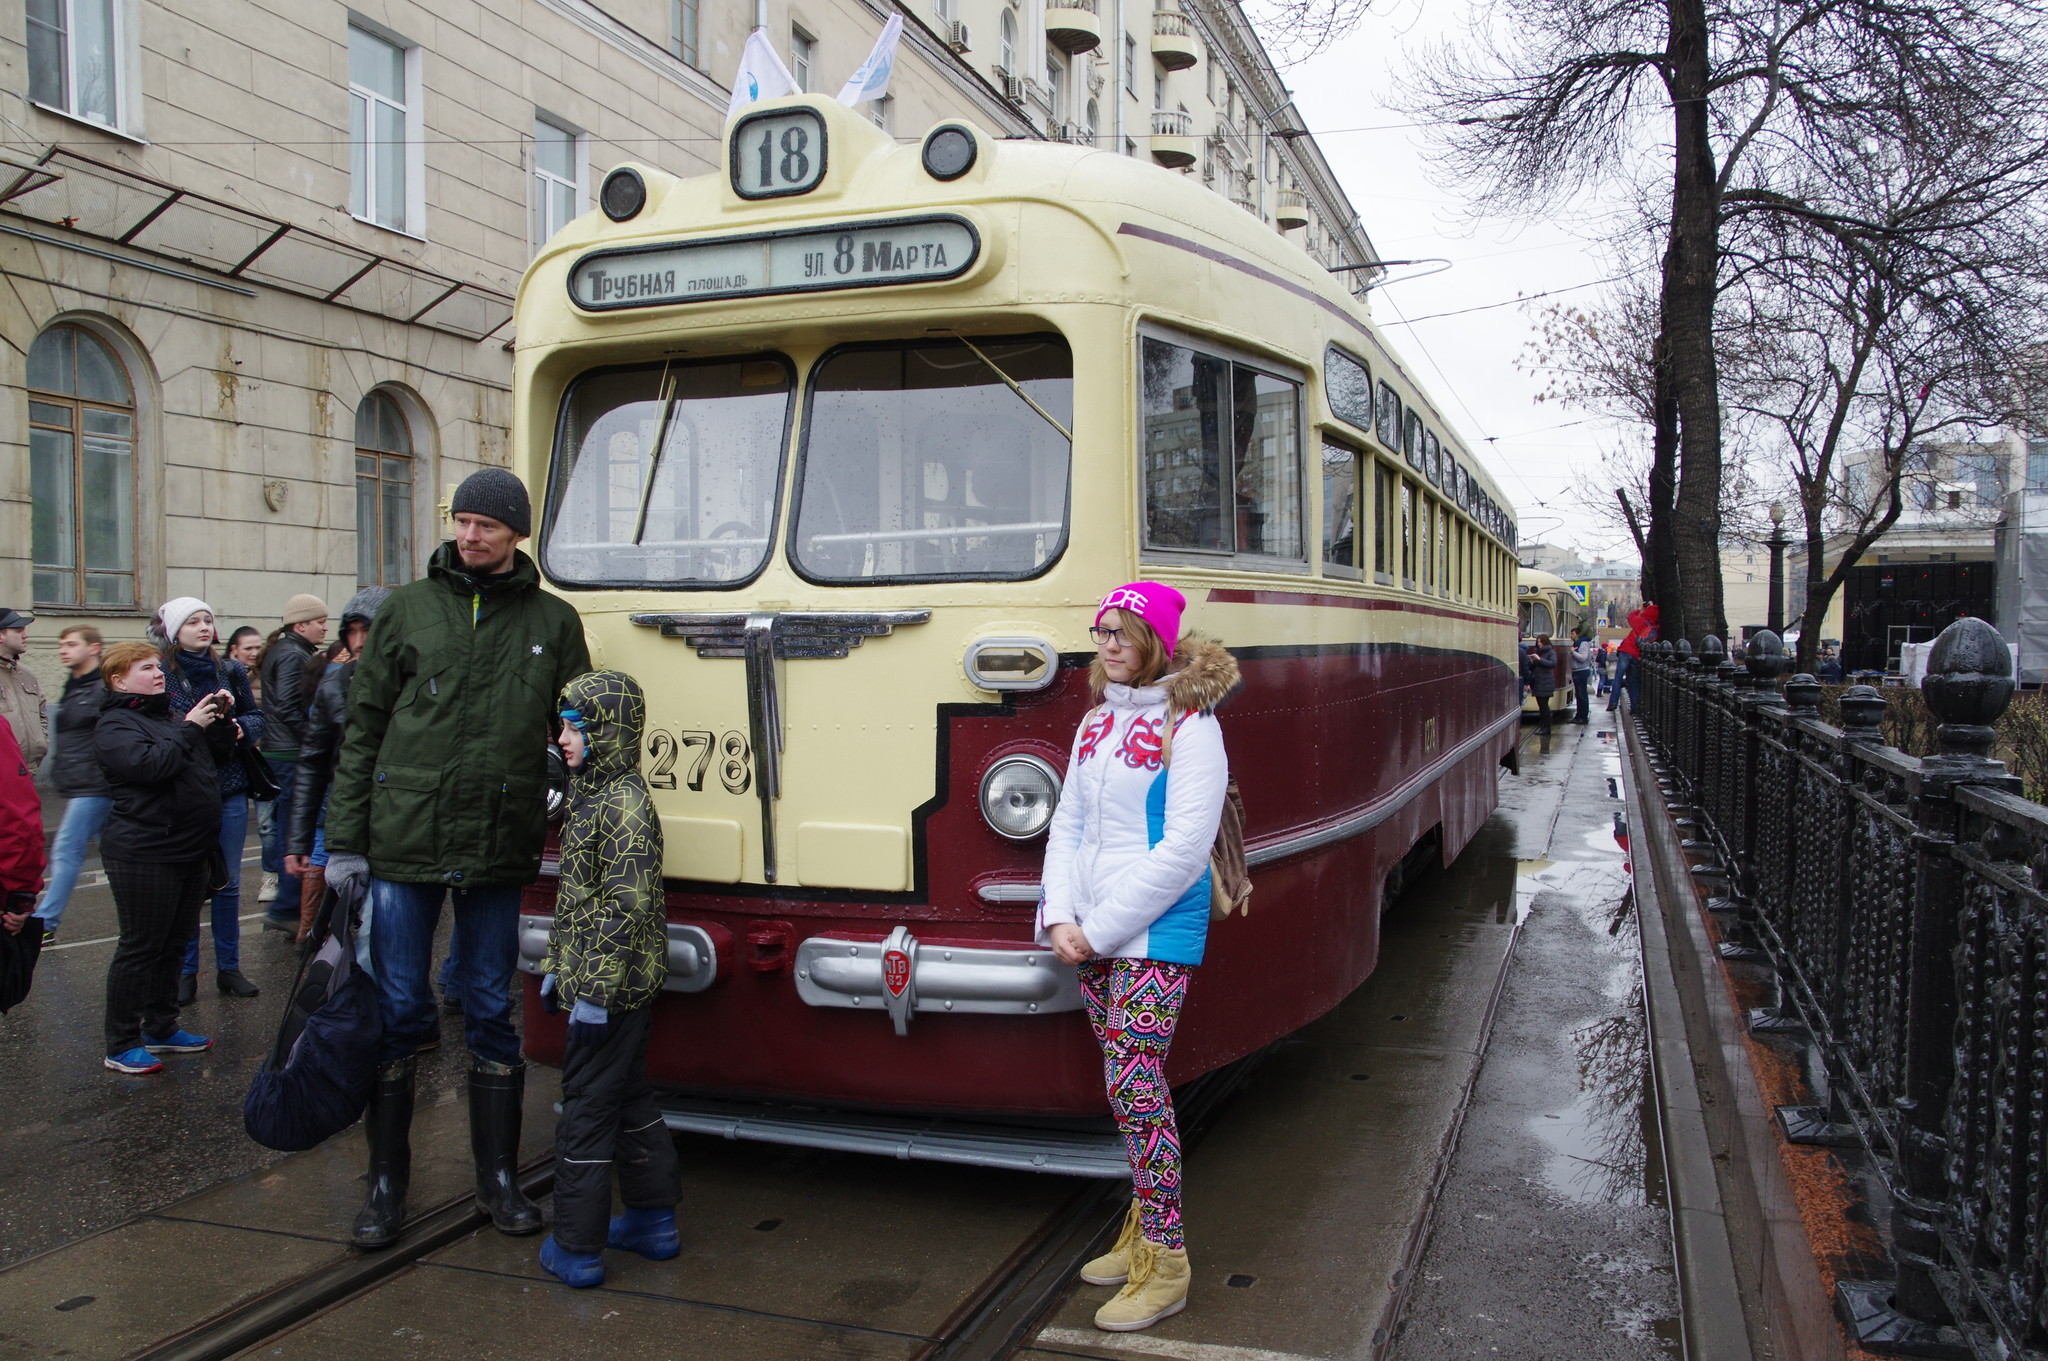 Московский трамвайный вагон МТВ-82 № 1278 на Чистопрудном бульваре